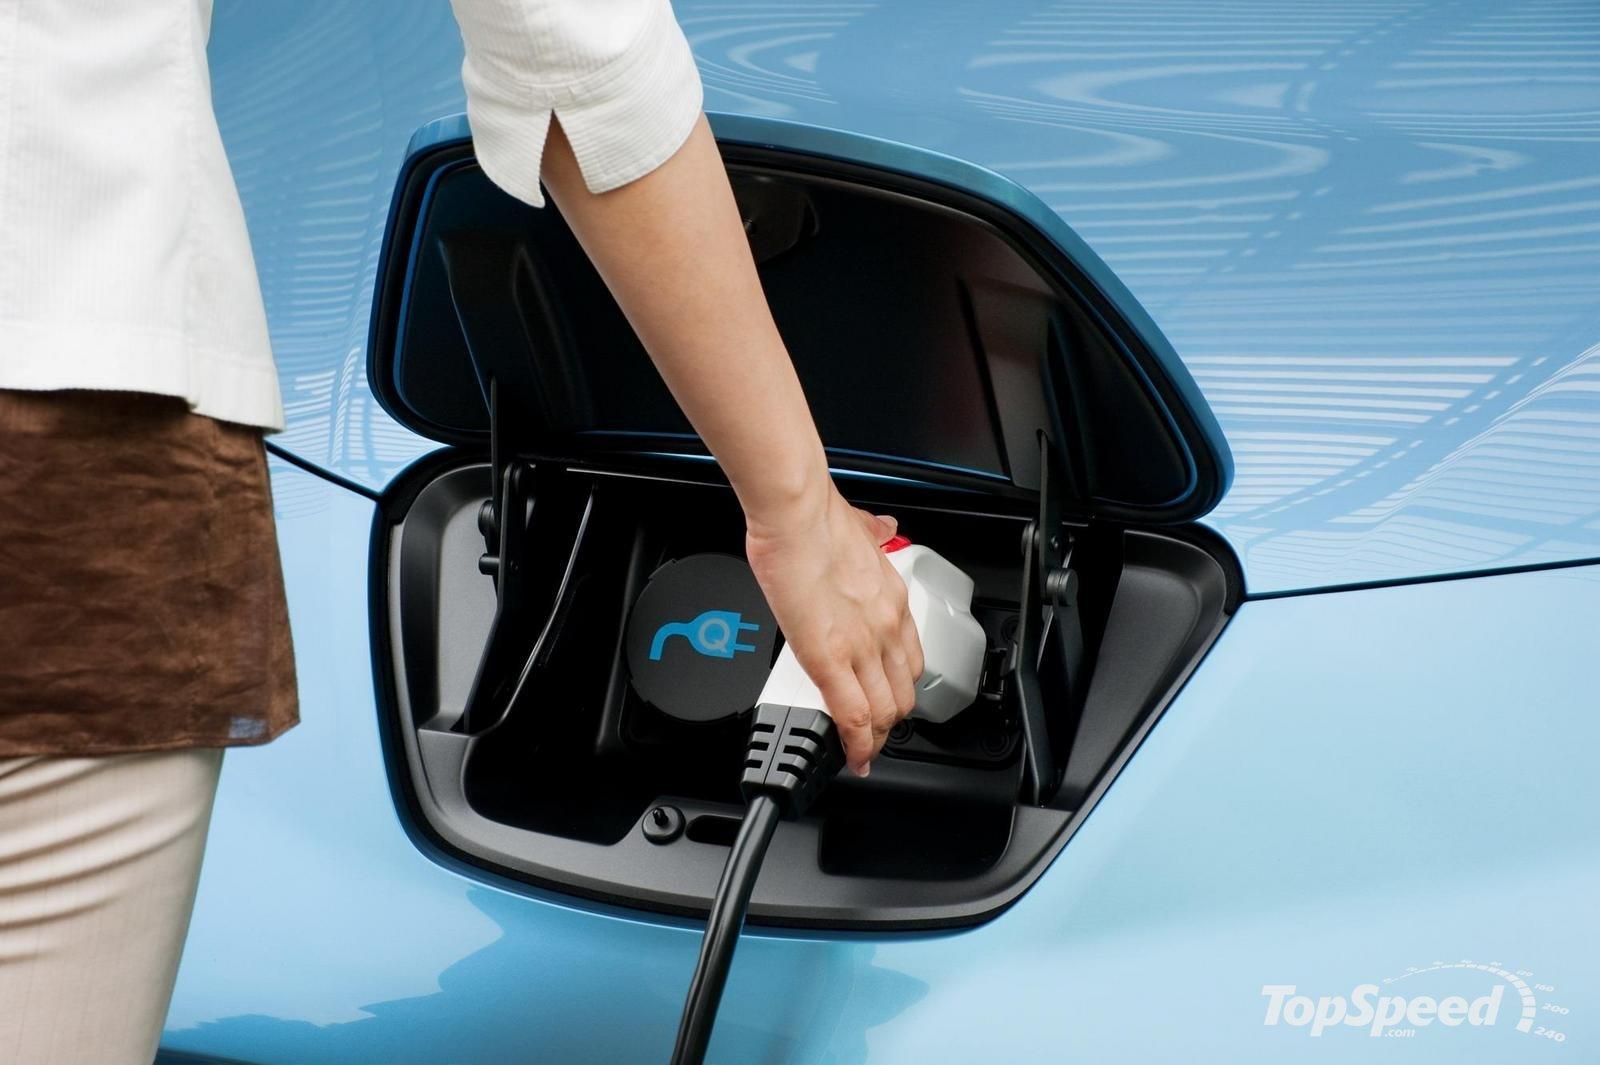 Asegurar un vehículo eléctrico cuesta el doble que uno convencional